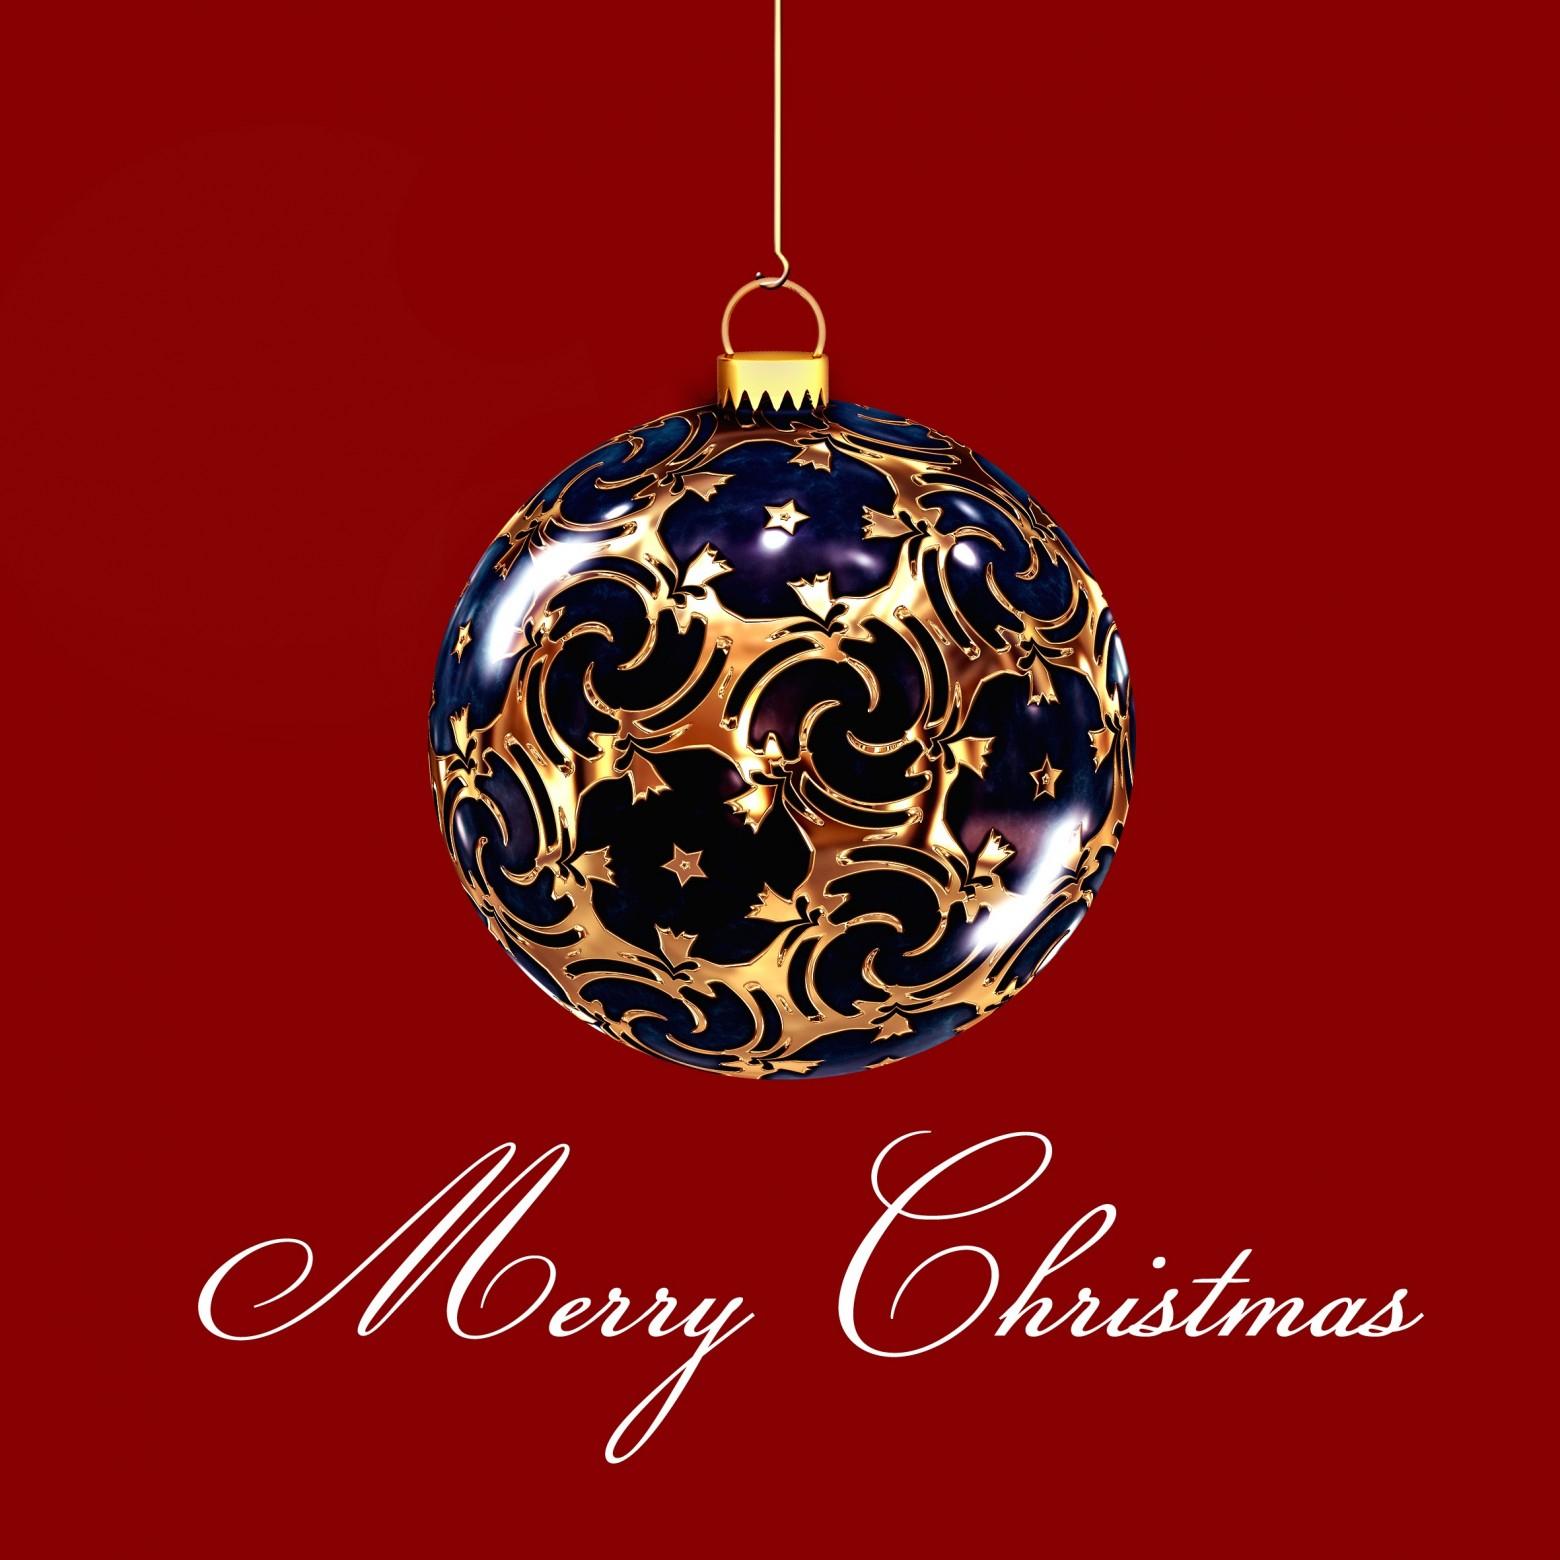 Carte De Voeux Noel Merry Christmas Photo Gratuite | Images pour Carte De Voeux À Télécharger